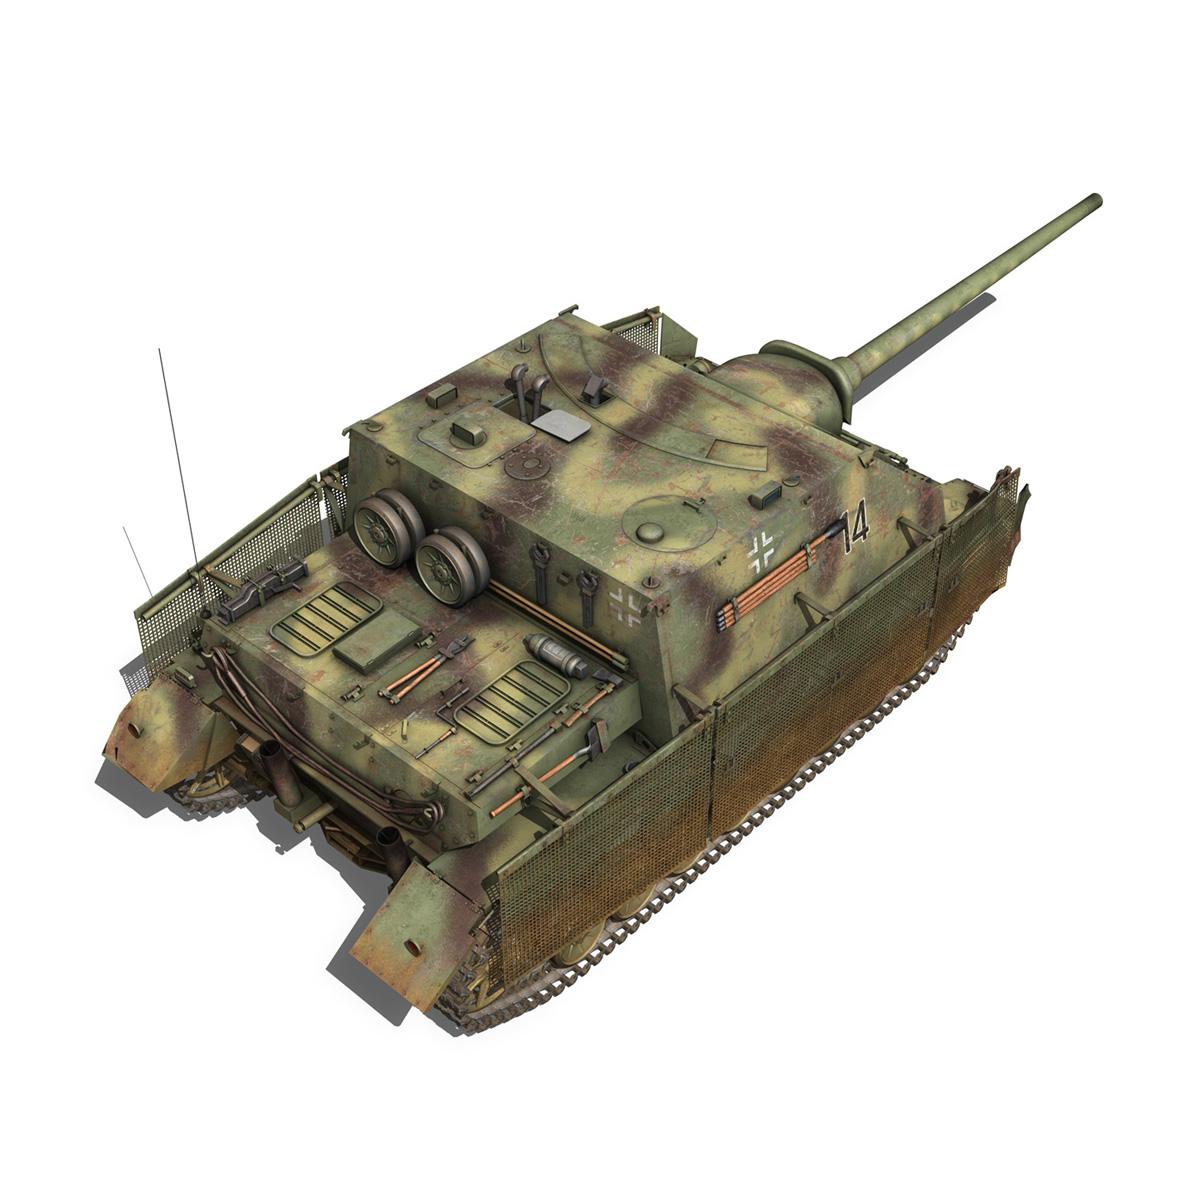 jagdpanzer iv l/70 (a) – 14 3d model 3ds fbx c4d lwo obj 282333